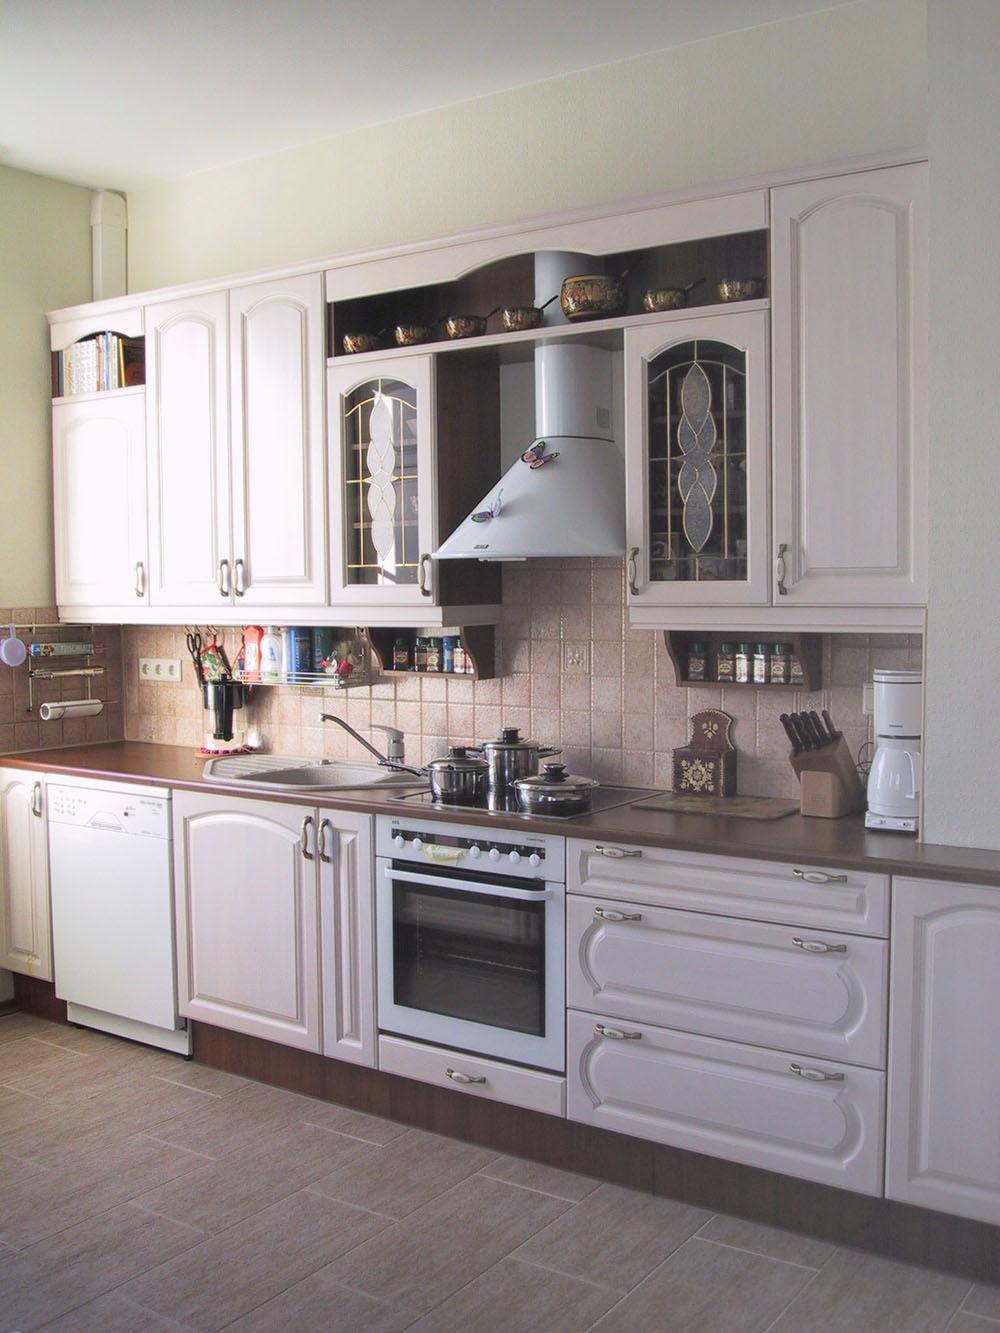 2 - UNIMÖÖBEL OÜ köögid, garderoobid, eritellimused